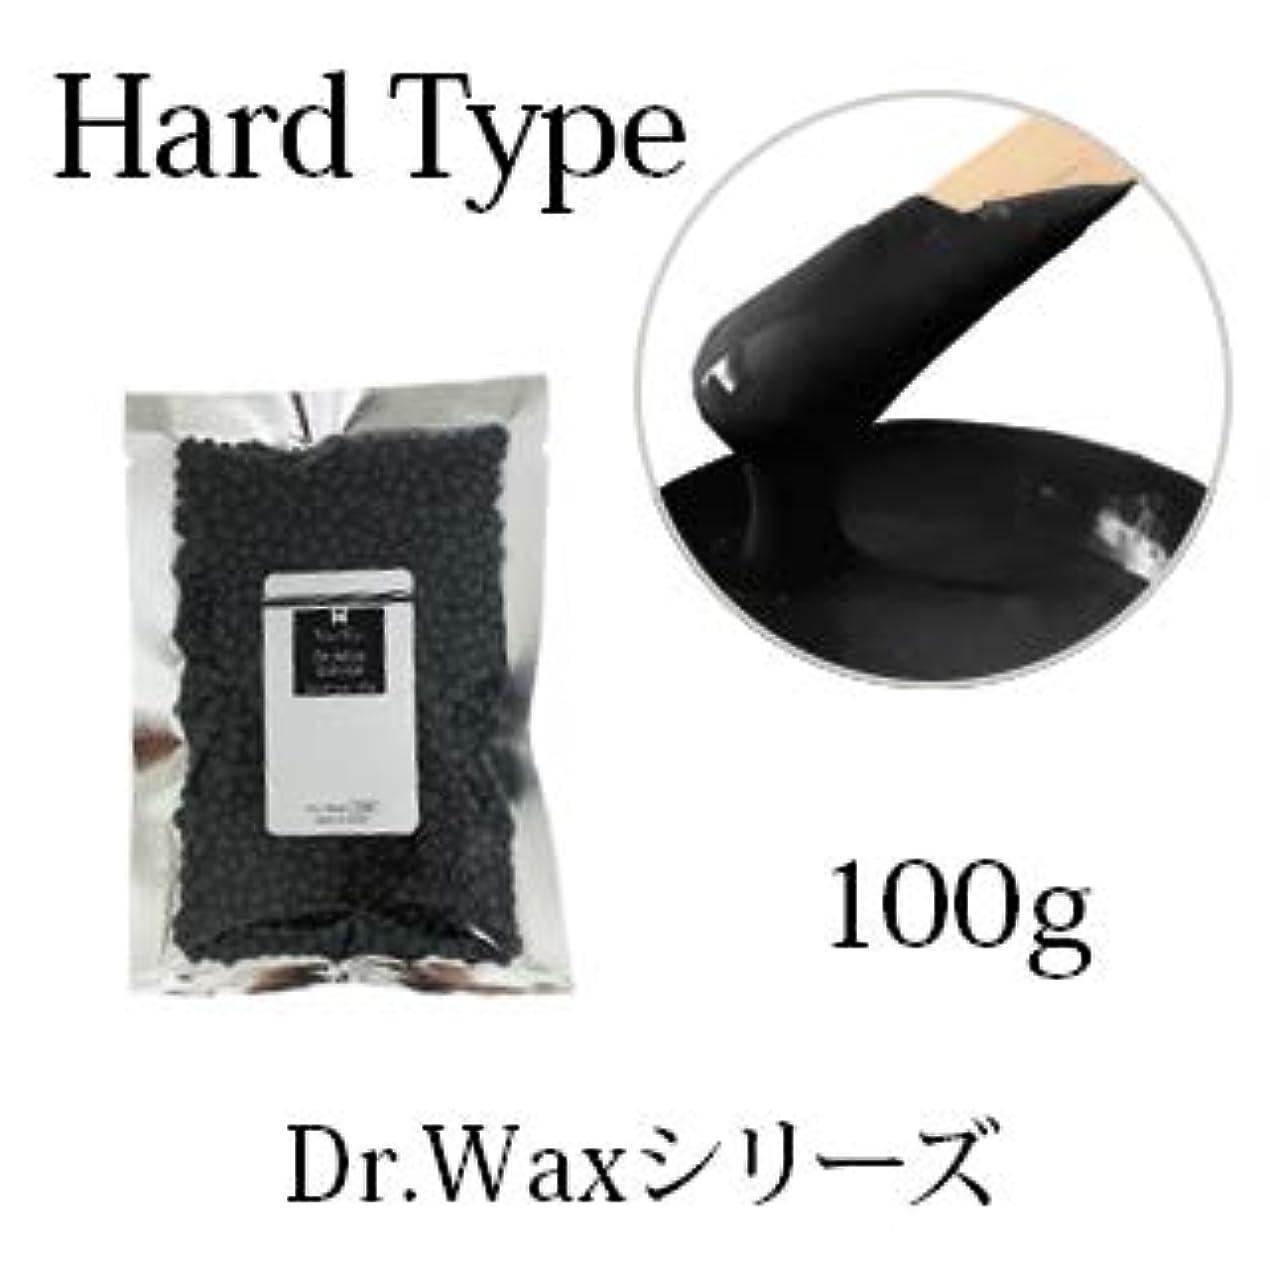 扱いやすい活性化受粉する【Dr.waxシリーズ】ワックス脱毛 粒タイプ 紙を使用しない ハードワックス (キャビア 100g)